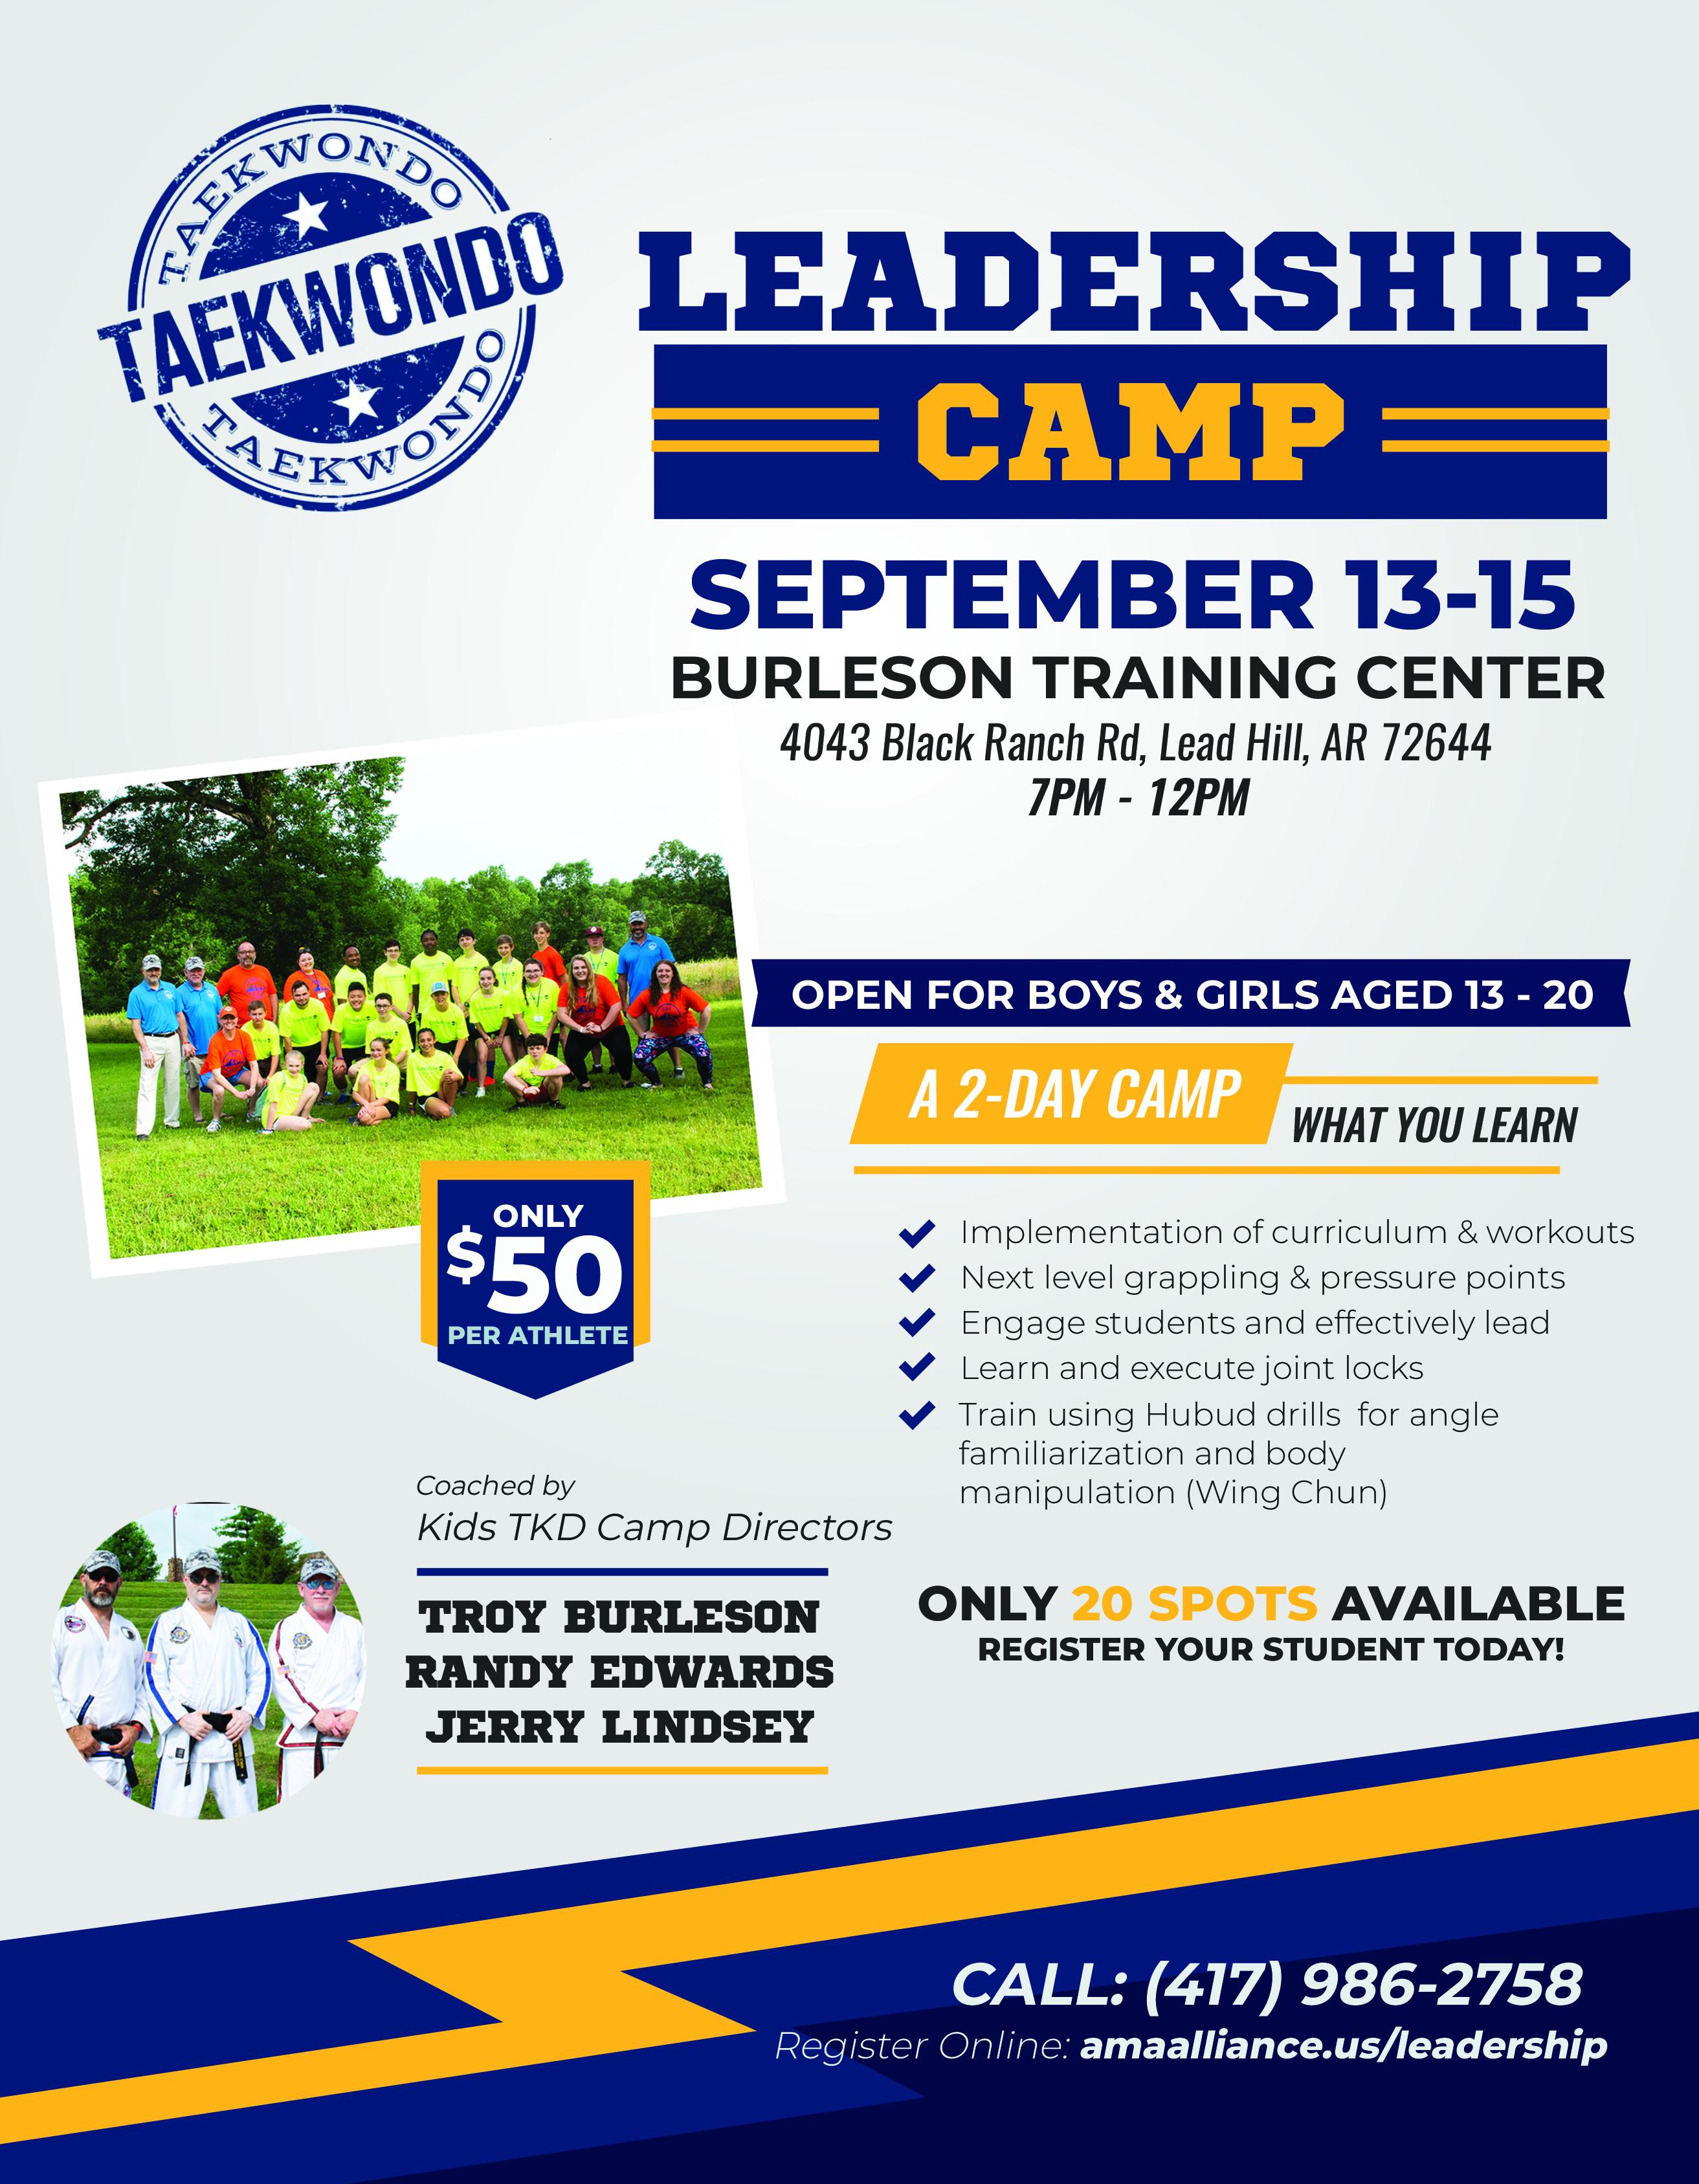 Taekwondo Leadership Camp